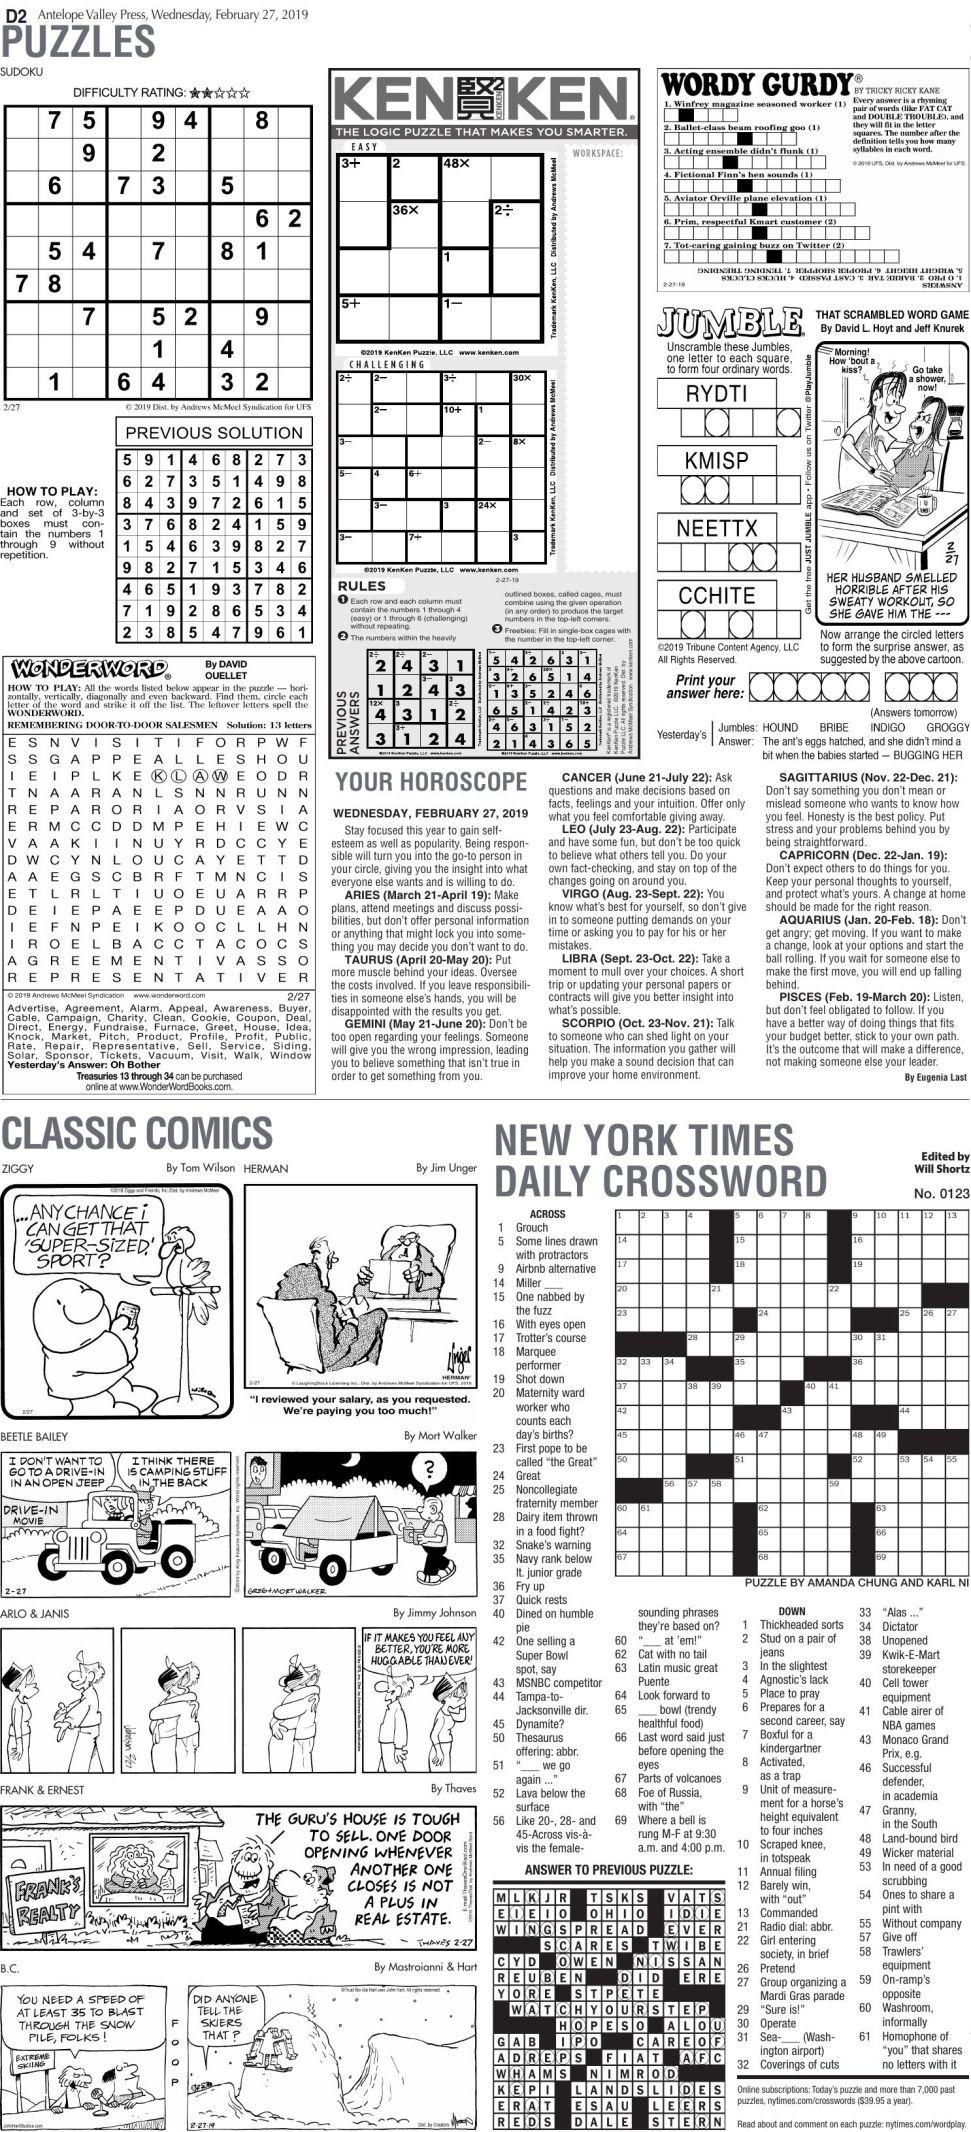 Feb. 27, 2019 Puzzles